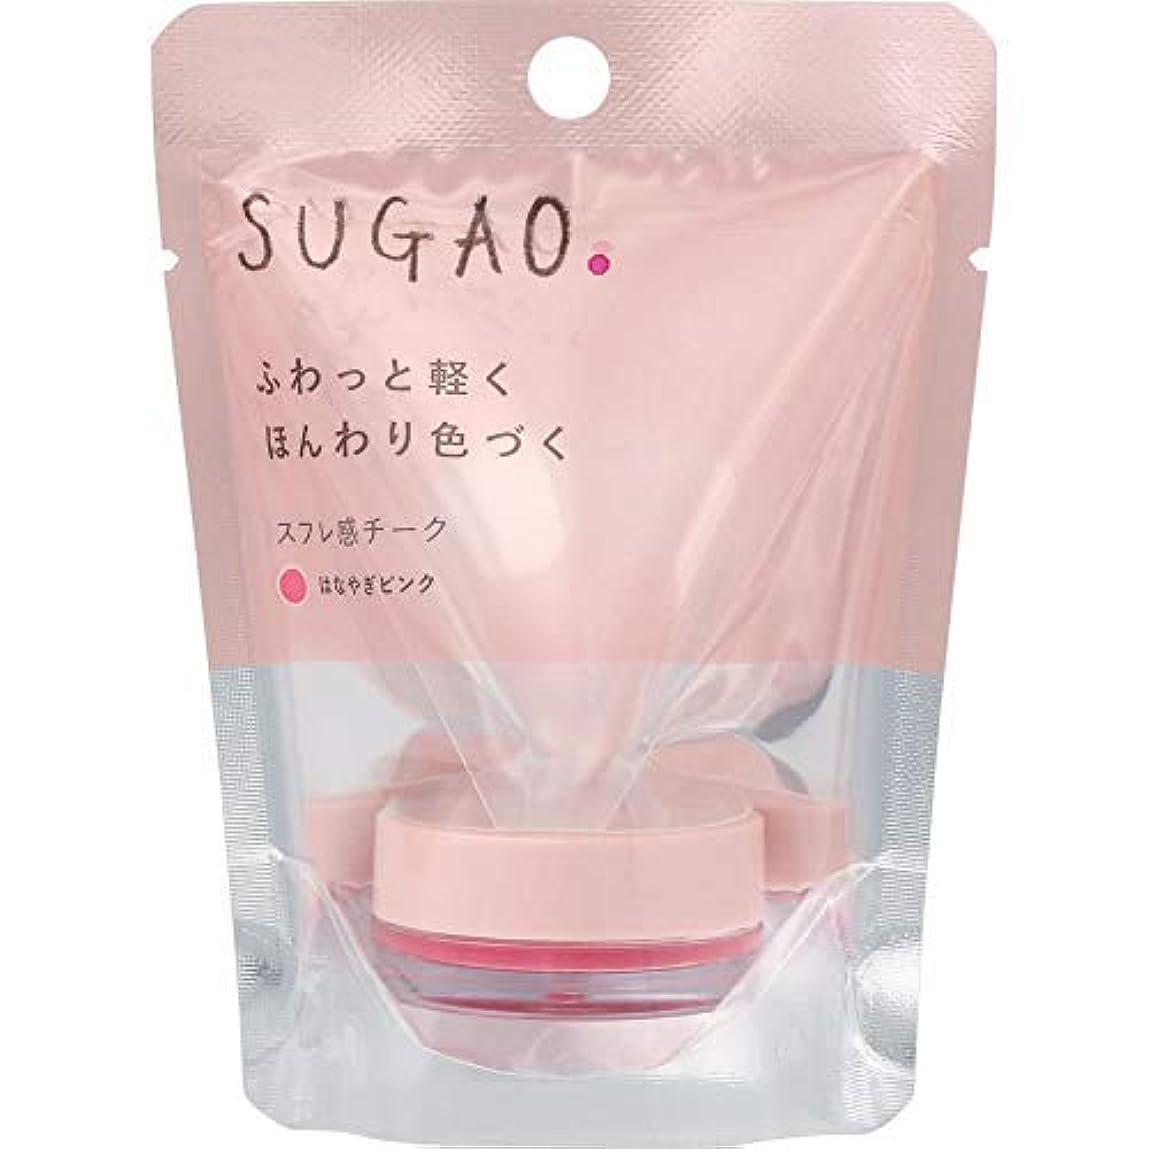 ちらつきシェルターマークダウンSUGAO スフレ感チーク はなやぎピンク × 10個セット